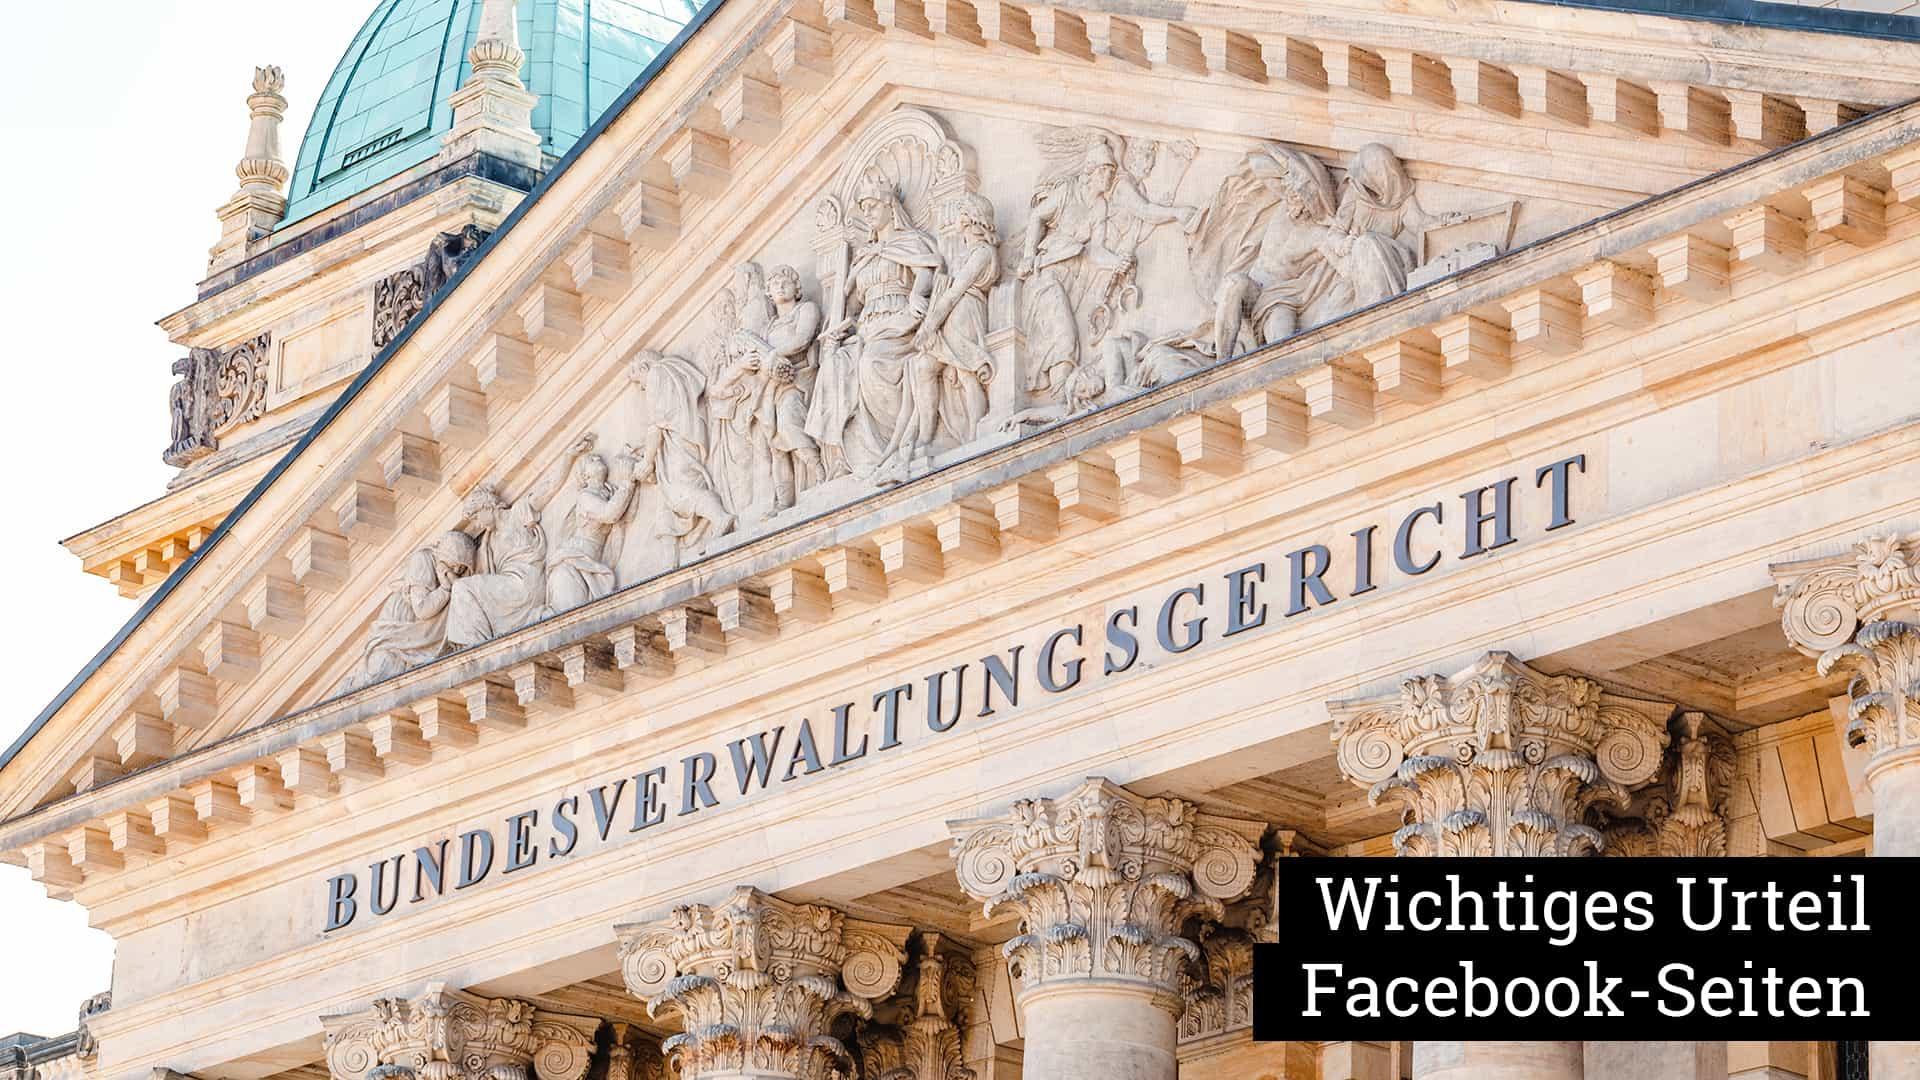 Facebook-Seiten vor dem Ende?